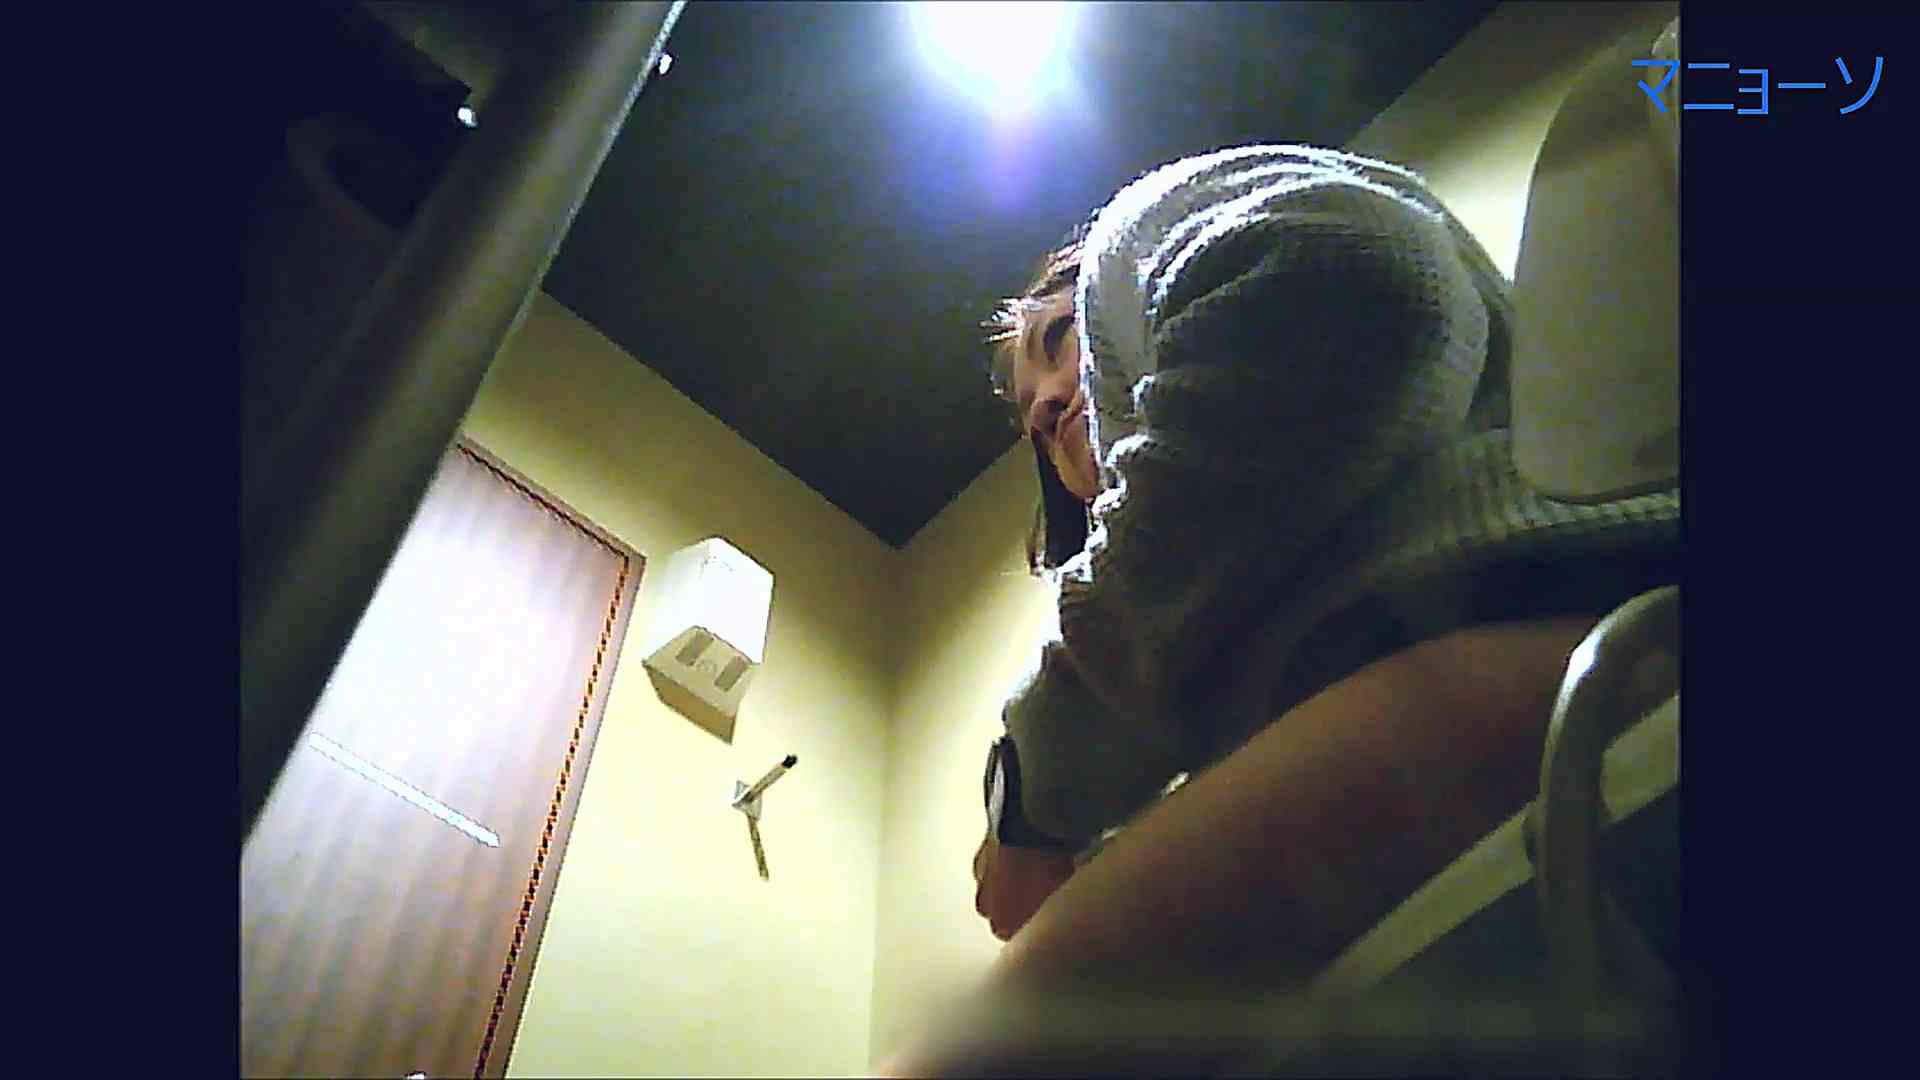 トイレでひと肌脱いでもらいました (OL編)Vol.14 トイレで・・・ エロ画像 109画像 76